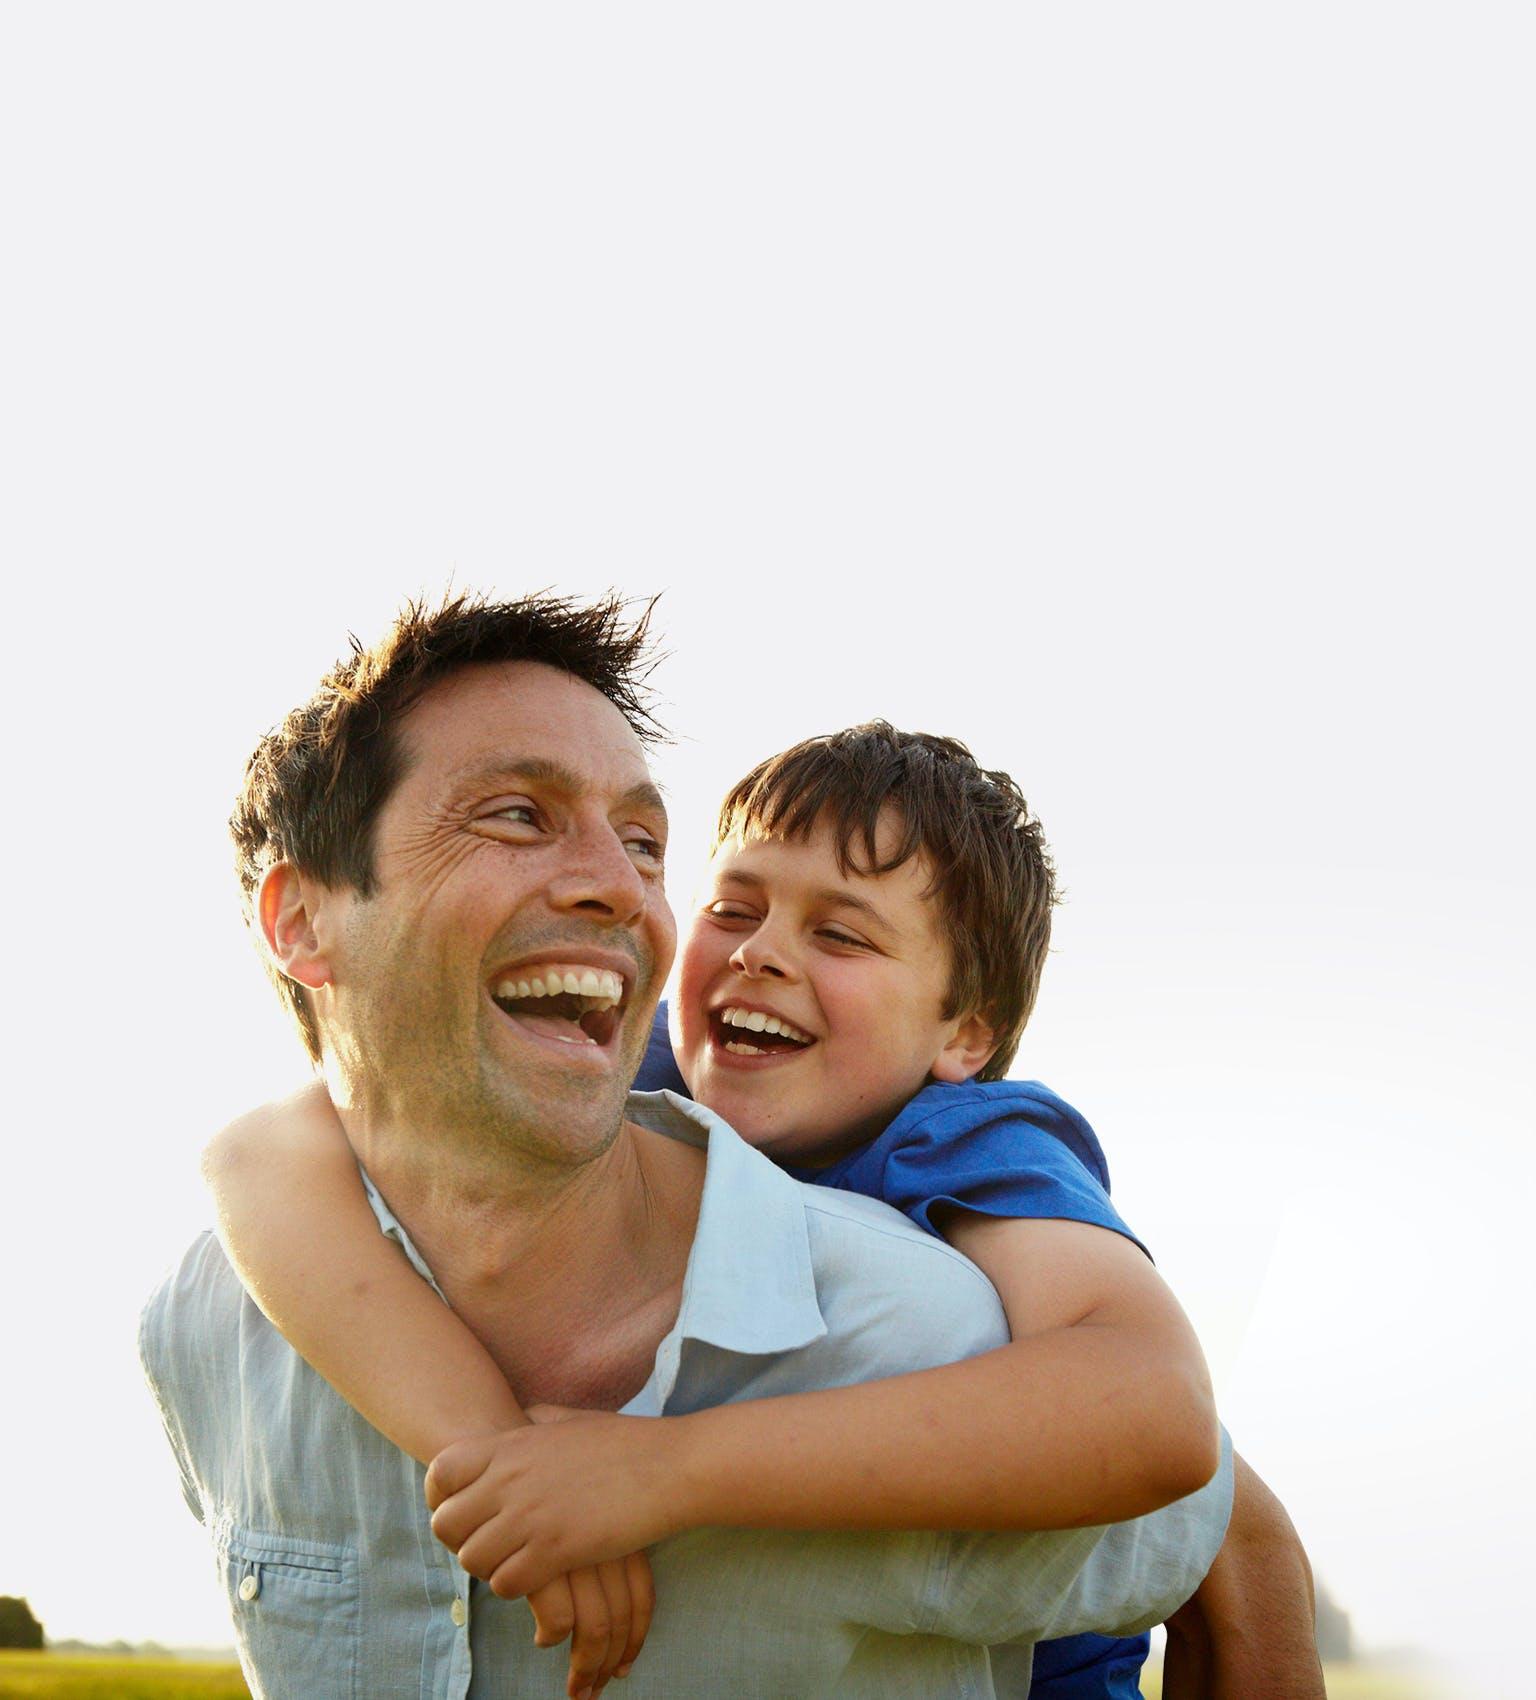 Jeune garçon sur le dos de son père